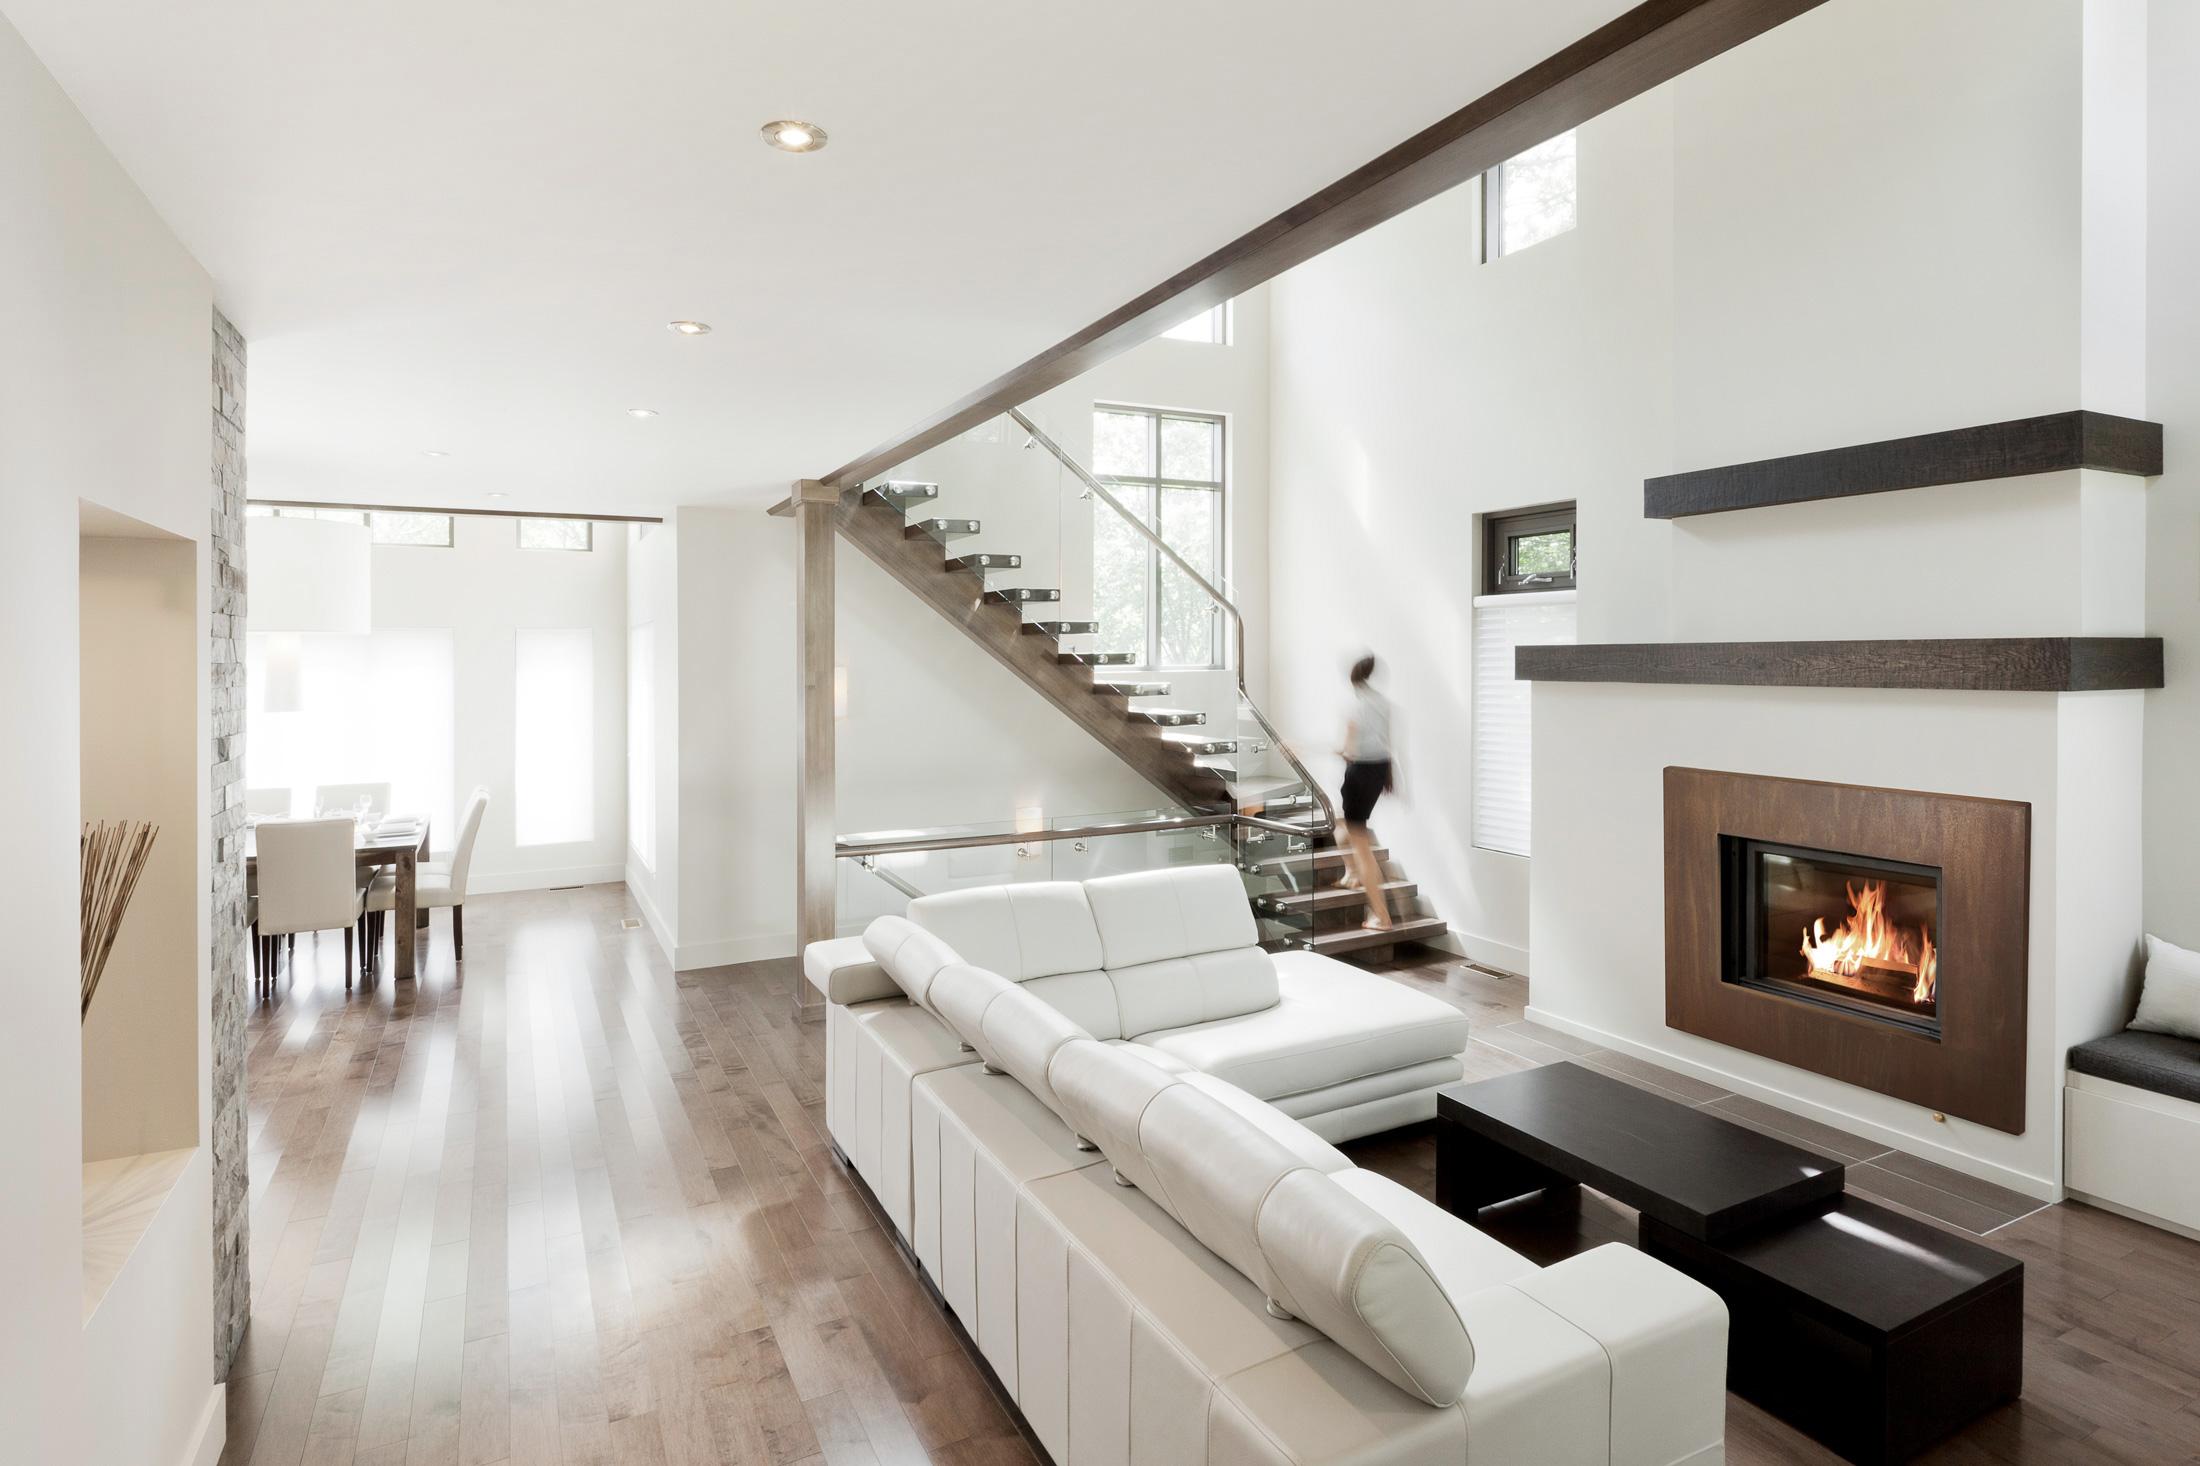 intérieur maison salon escalier foyer